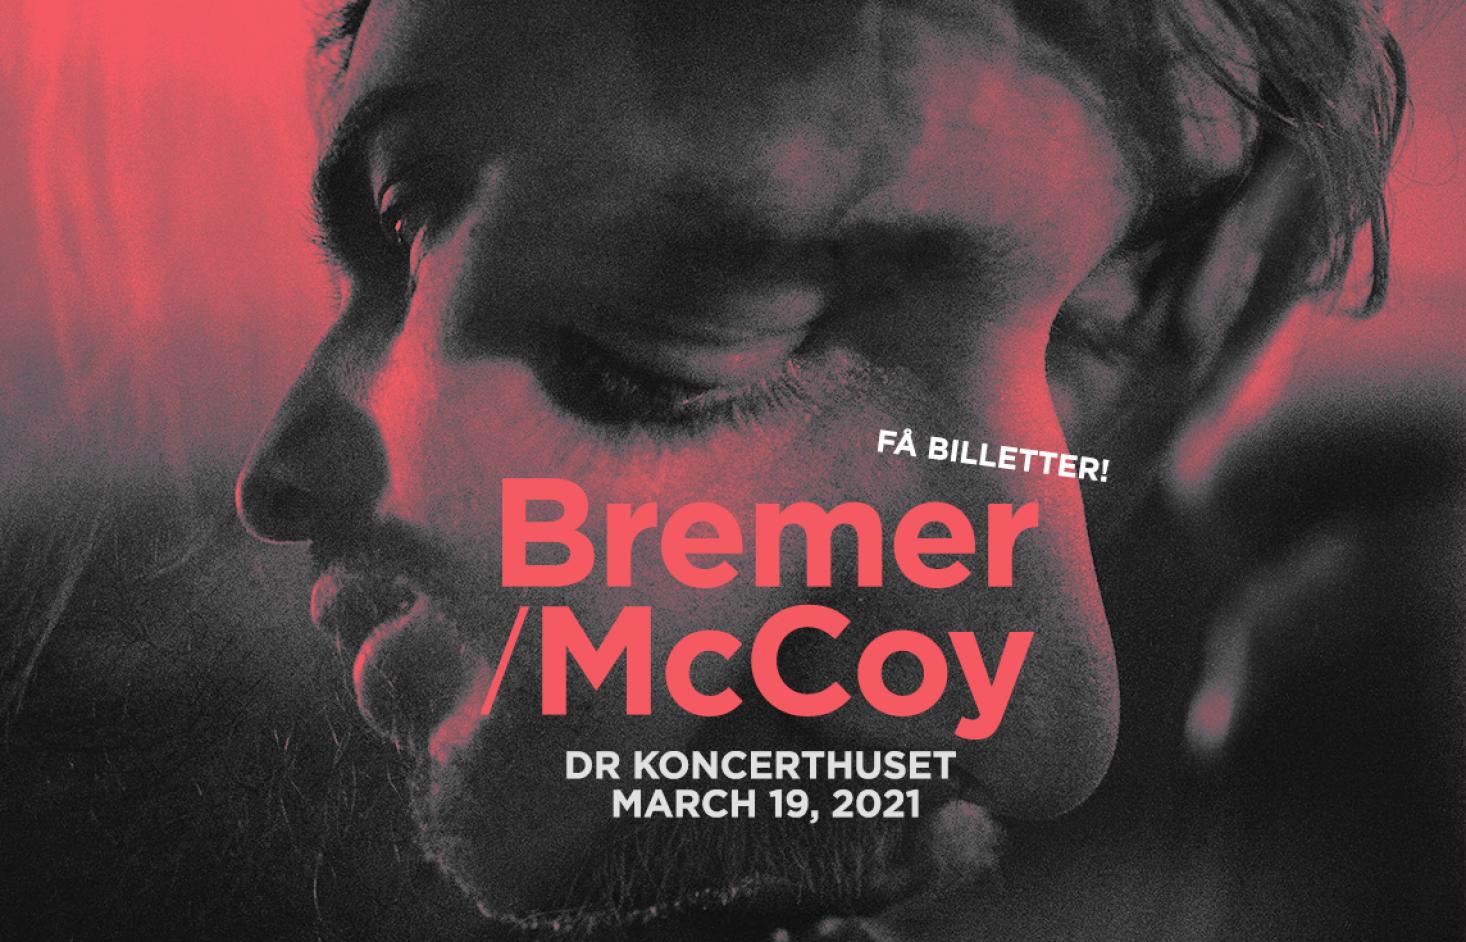 NY DATO: 19/3: Bremer/McCoy –DR Koncerthuset, Koncertsalen